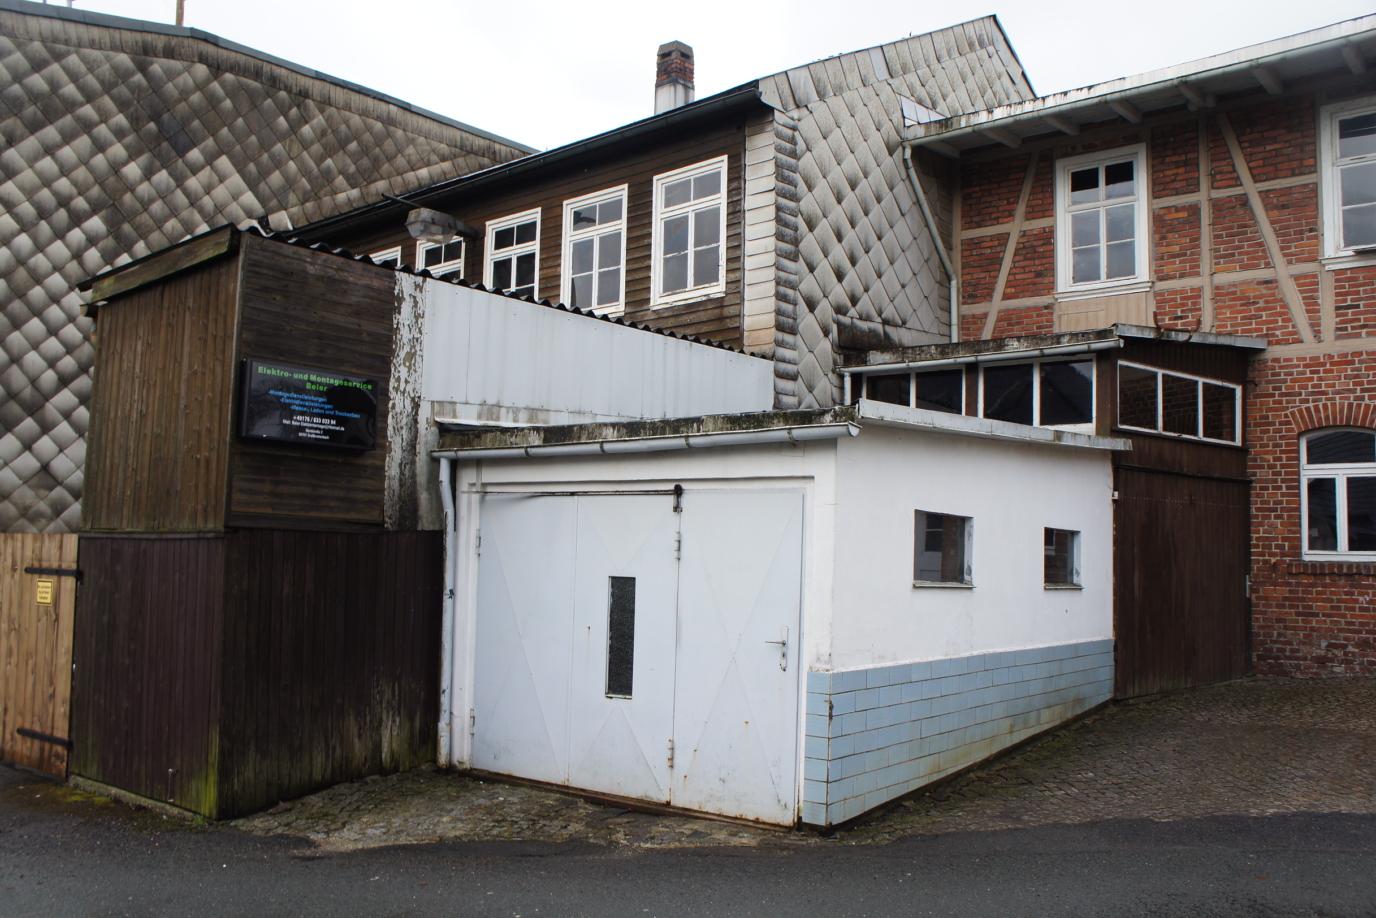 Ehemaliges Wohngebäude des Tischlermeisters